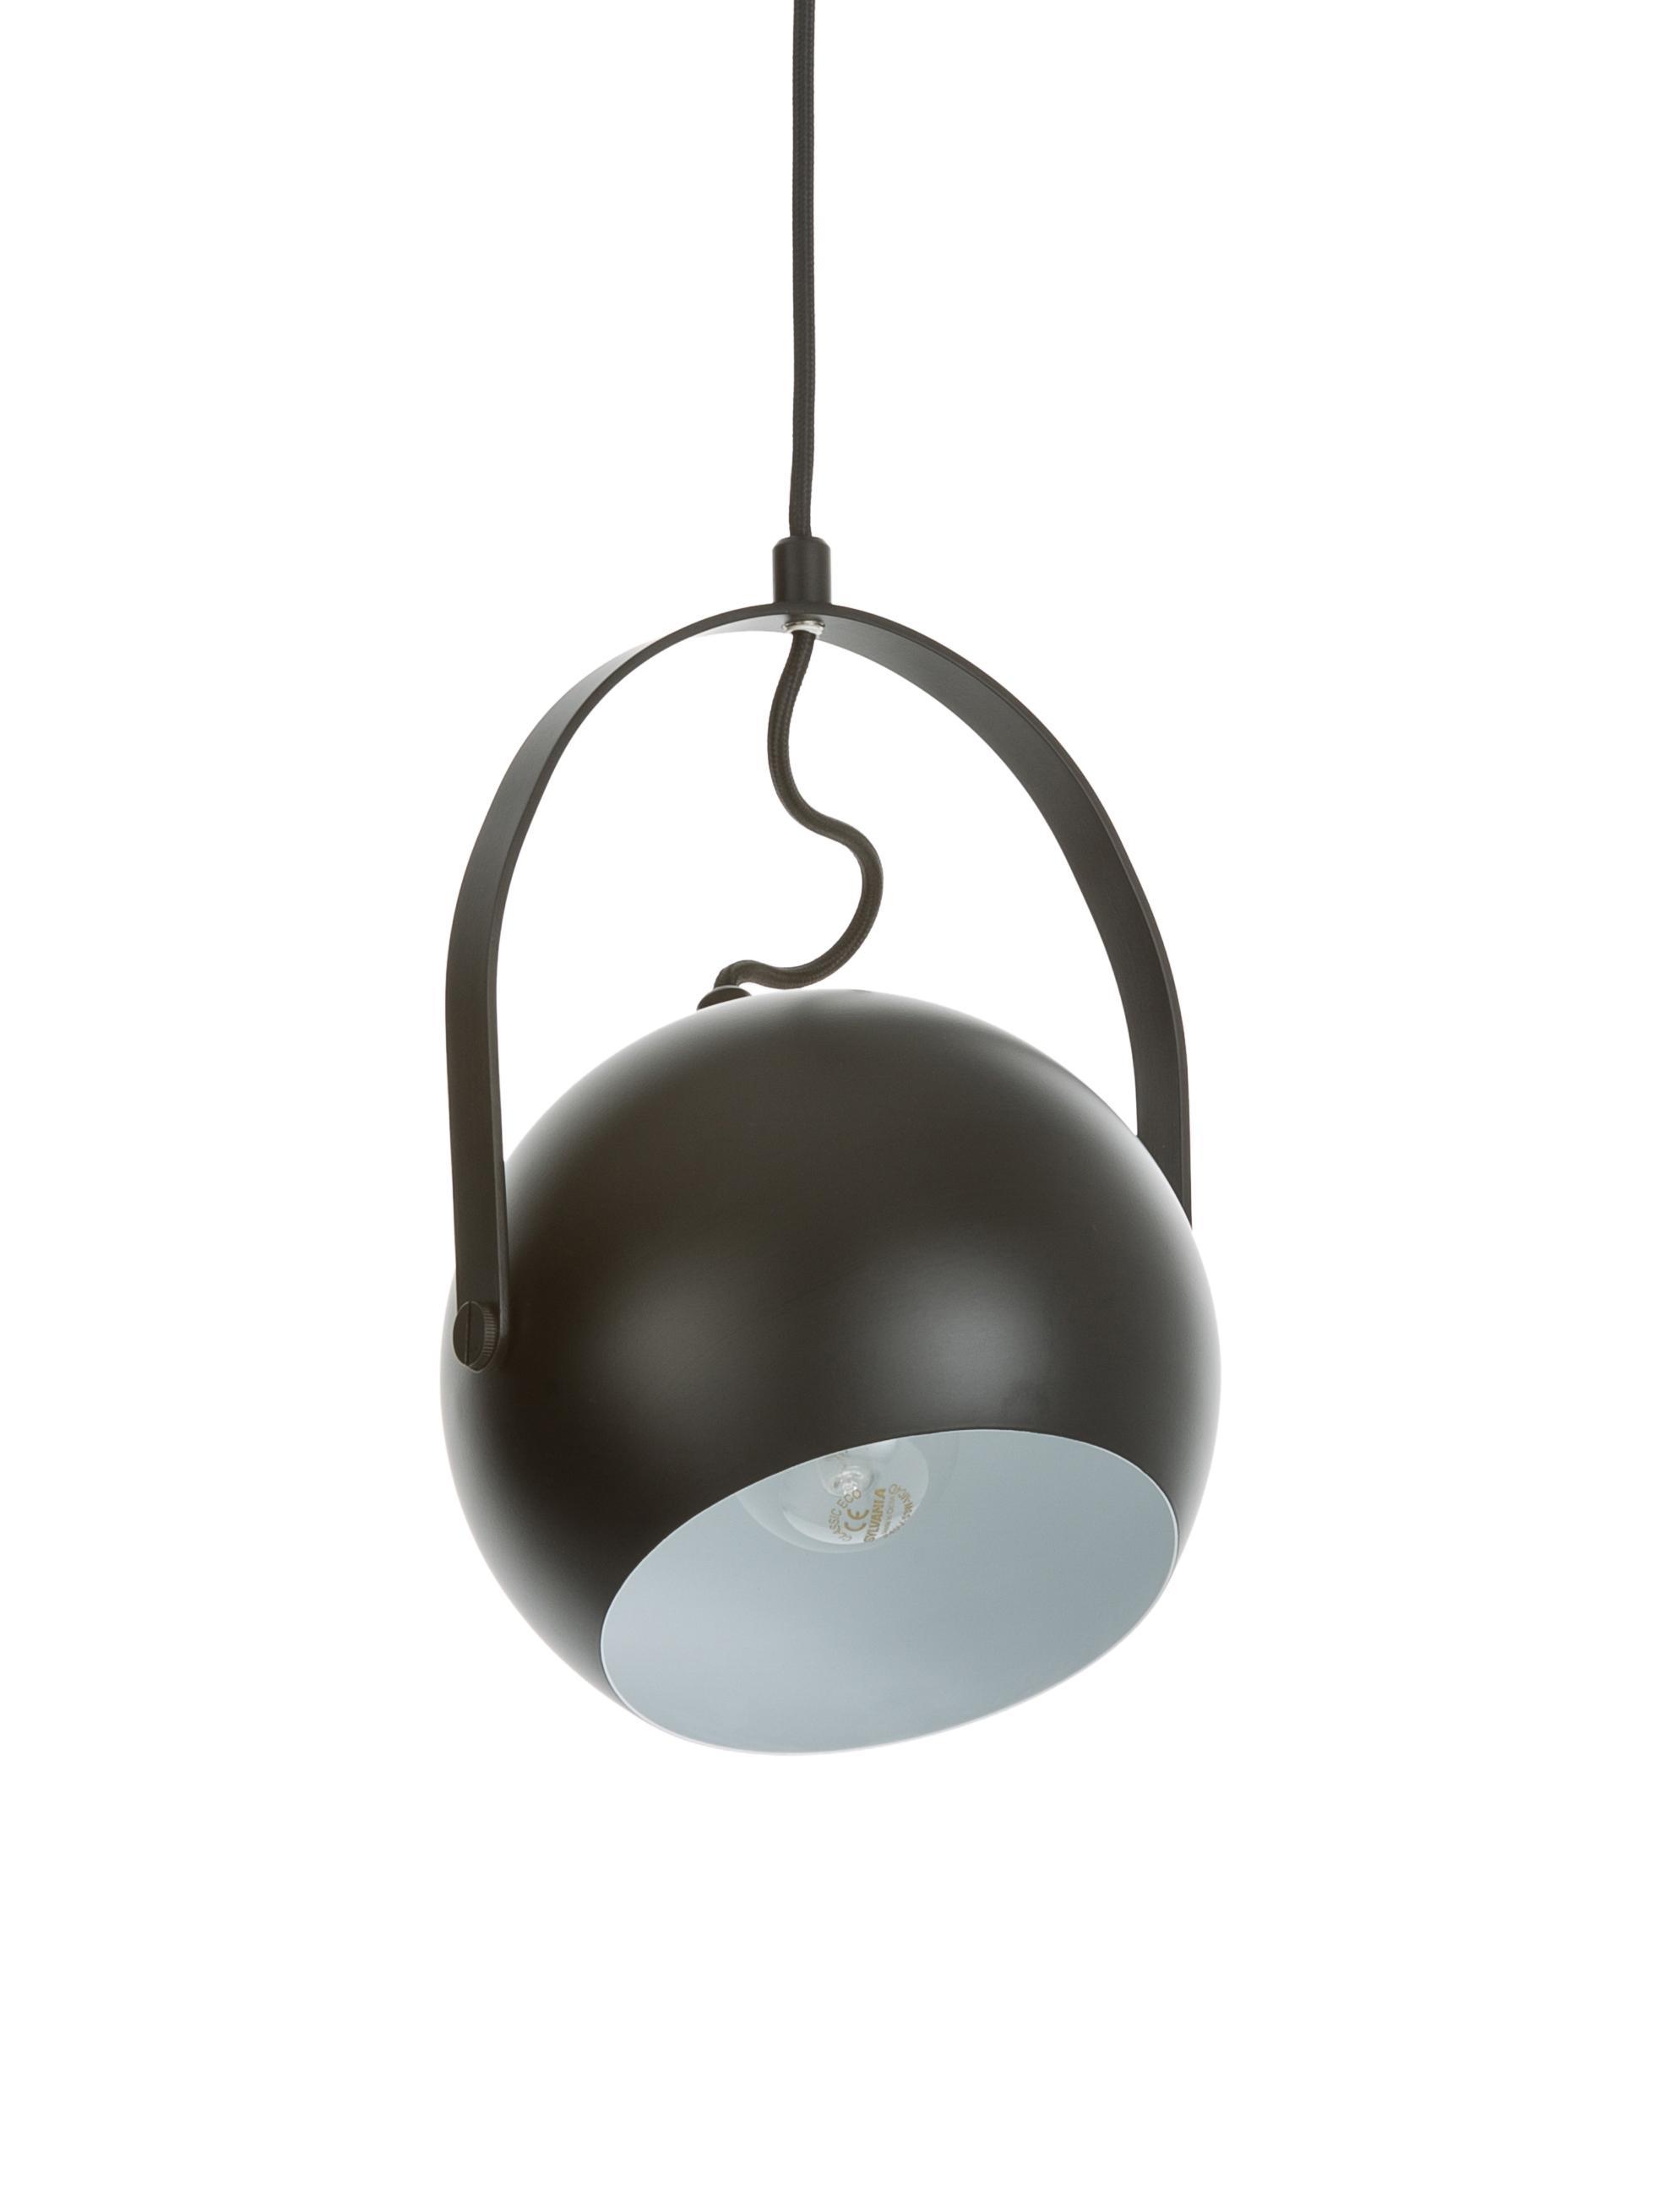 Kleine Kugel-Pendelleuchte Ball, Metall, lackiert, Schwarz, matt, Ø 18 x H 18 cm